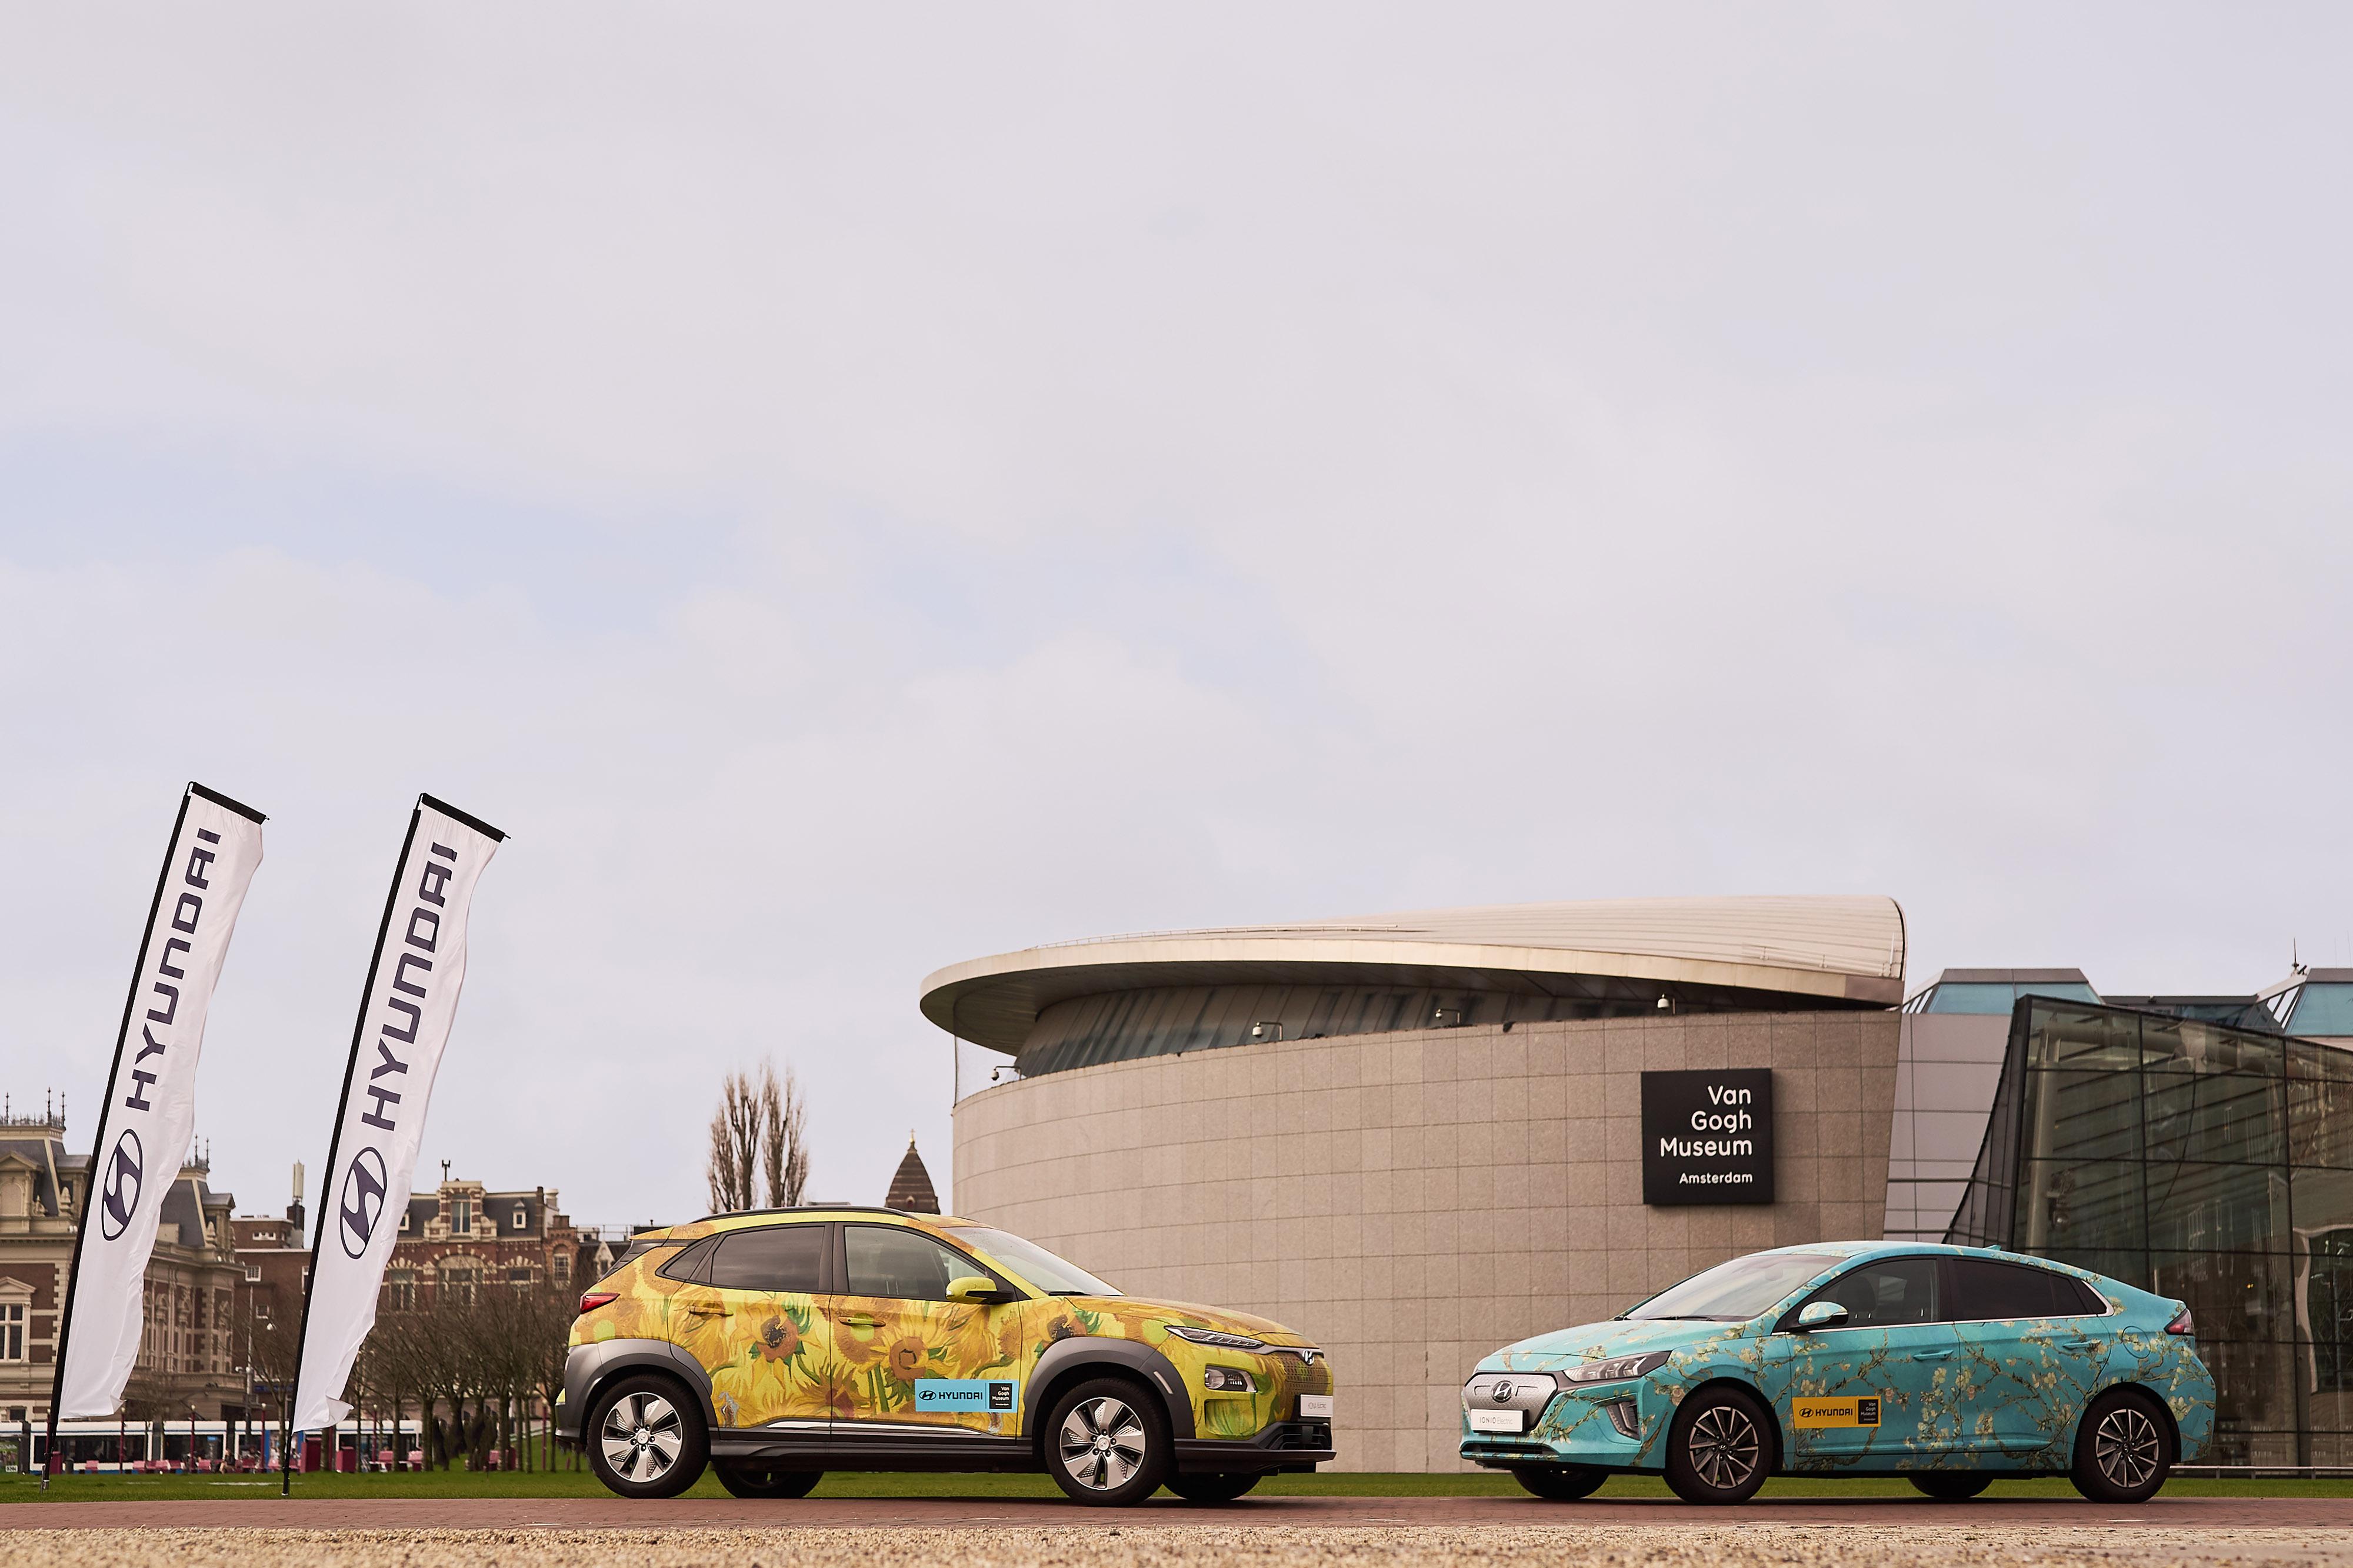 Η Hyundai επεκτείνει τη συνεργασία της με το Μουσείο Van Gogh στο Άμστερνταμ